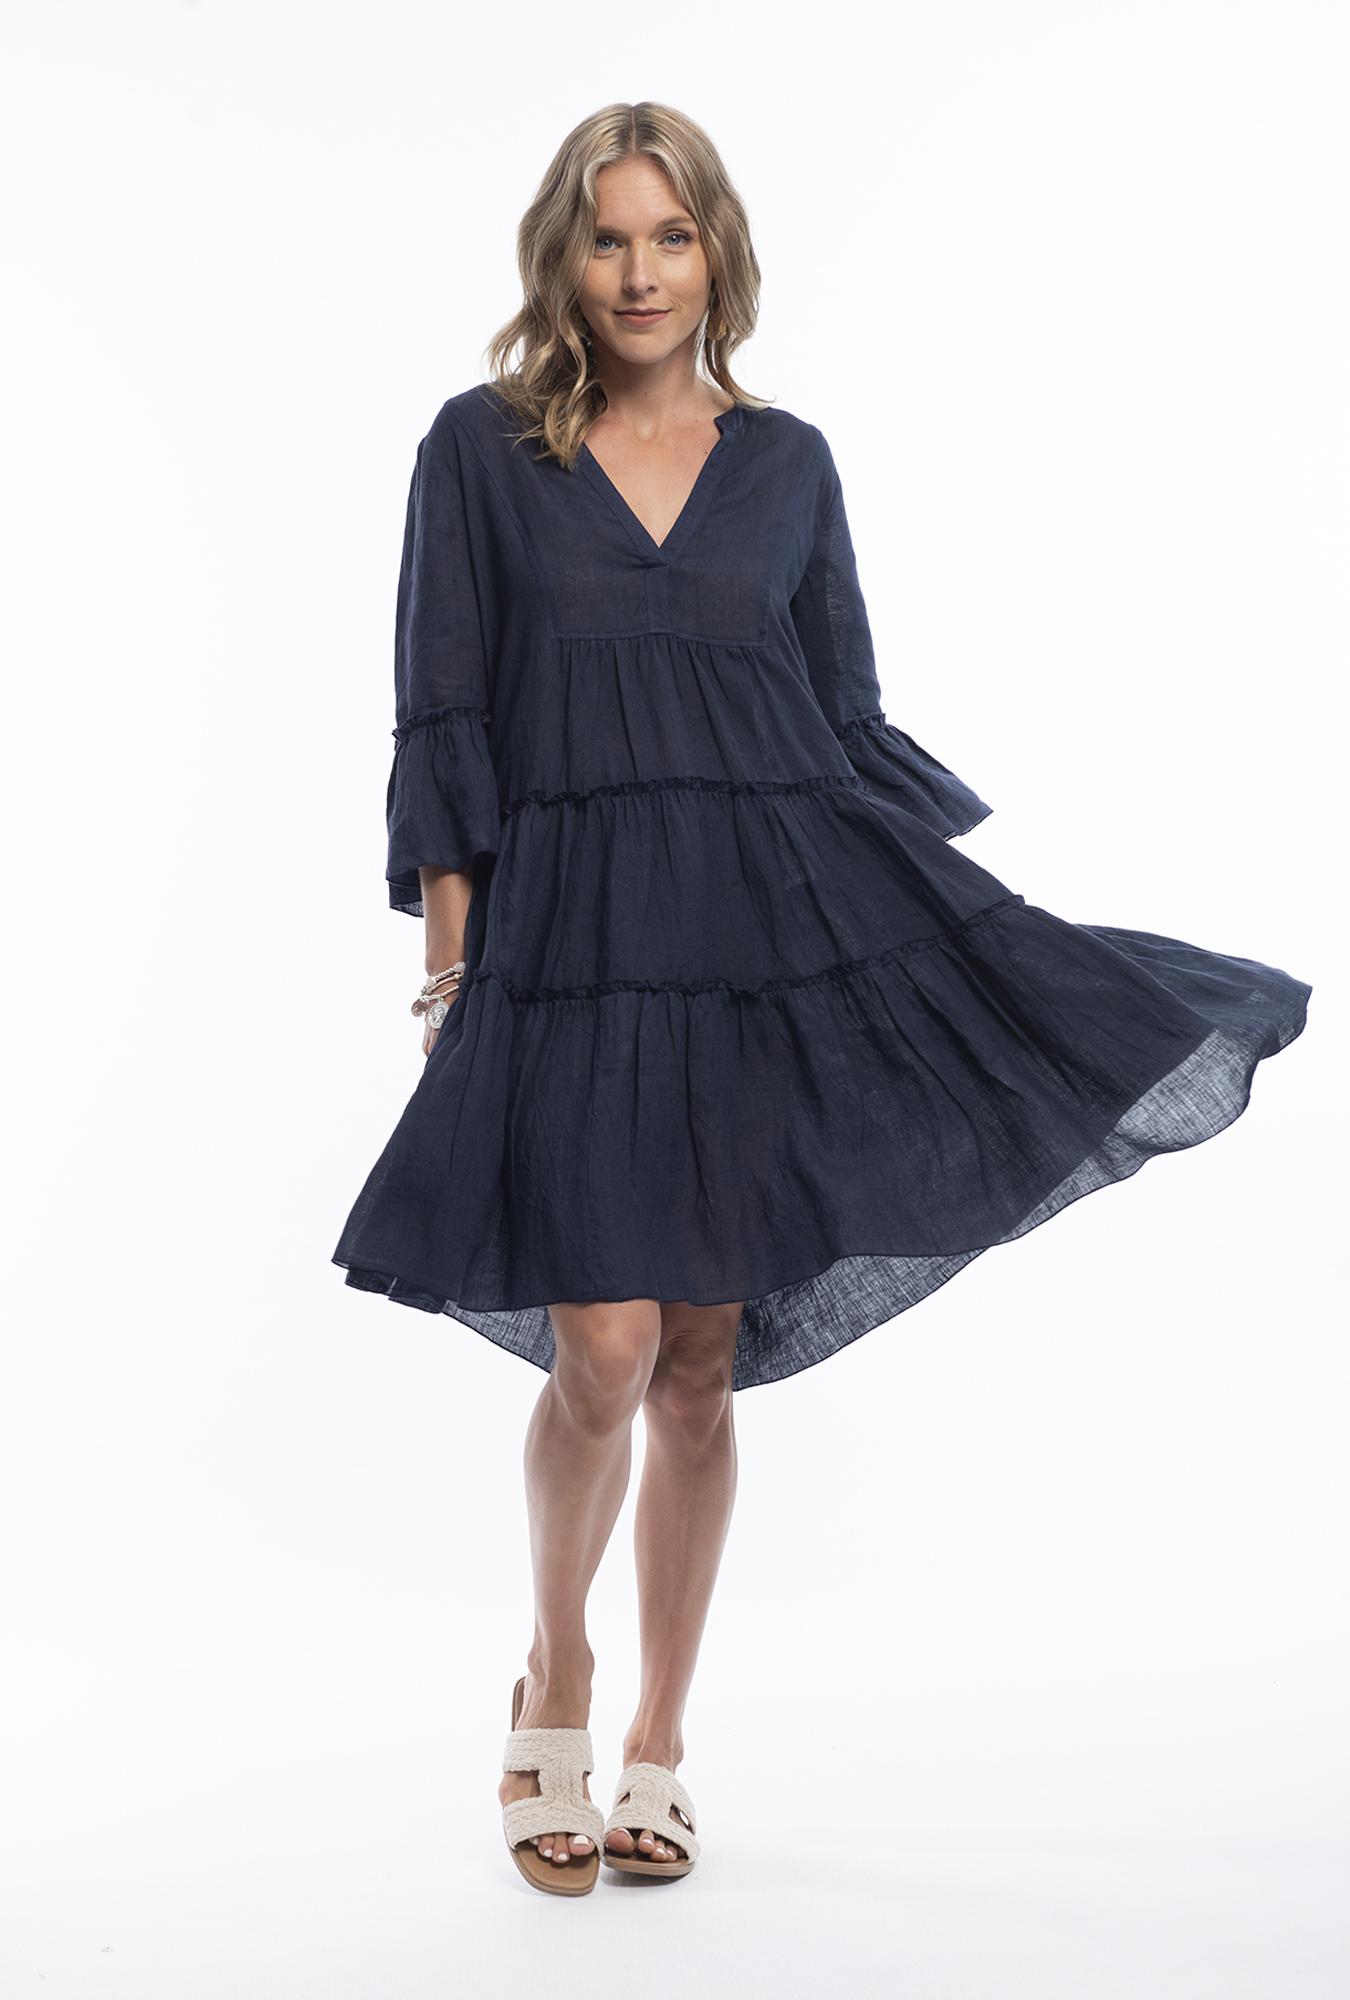 Margo Dress in Navy